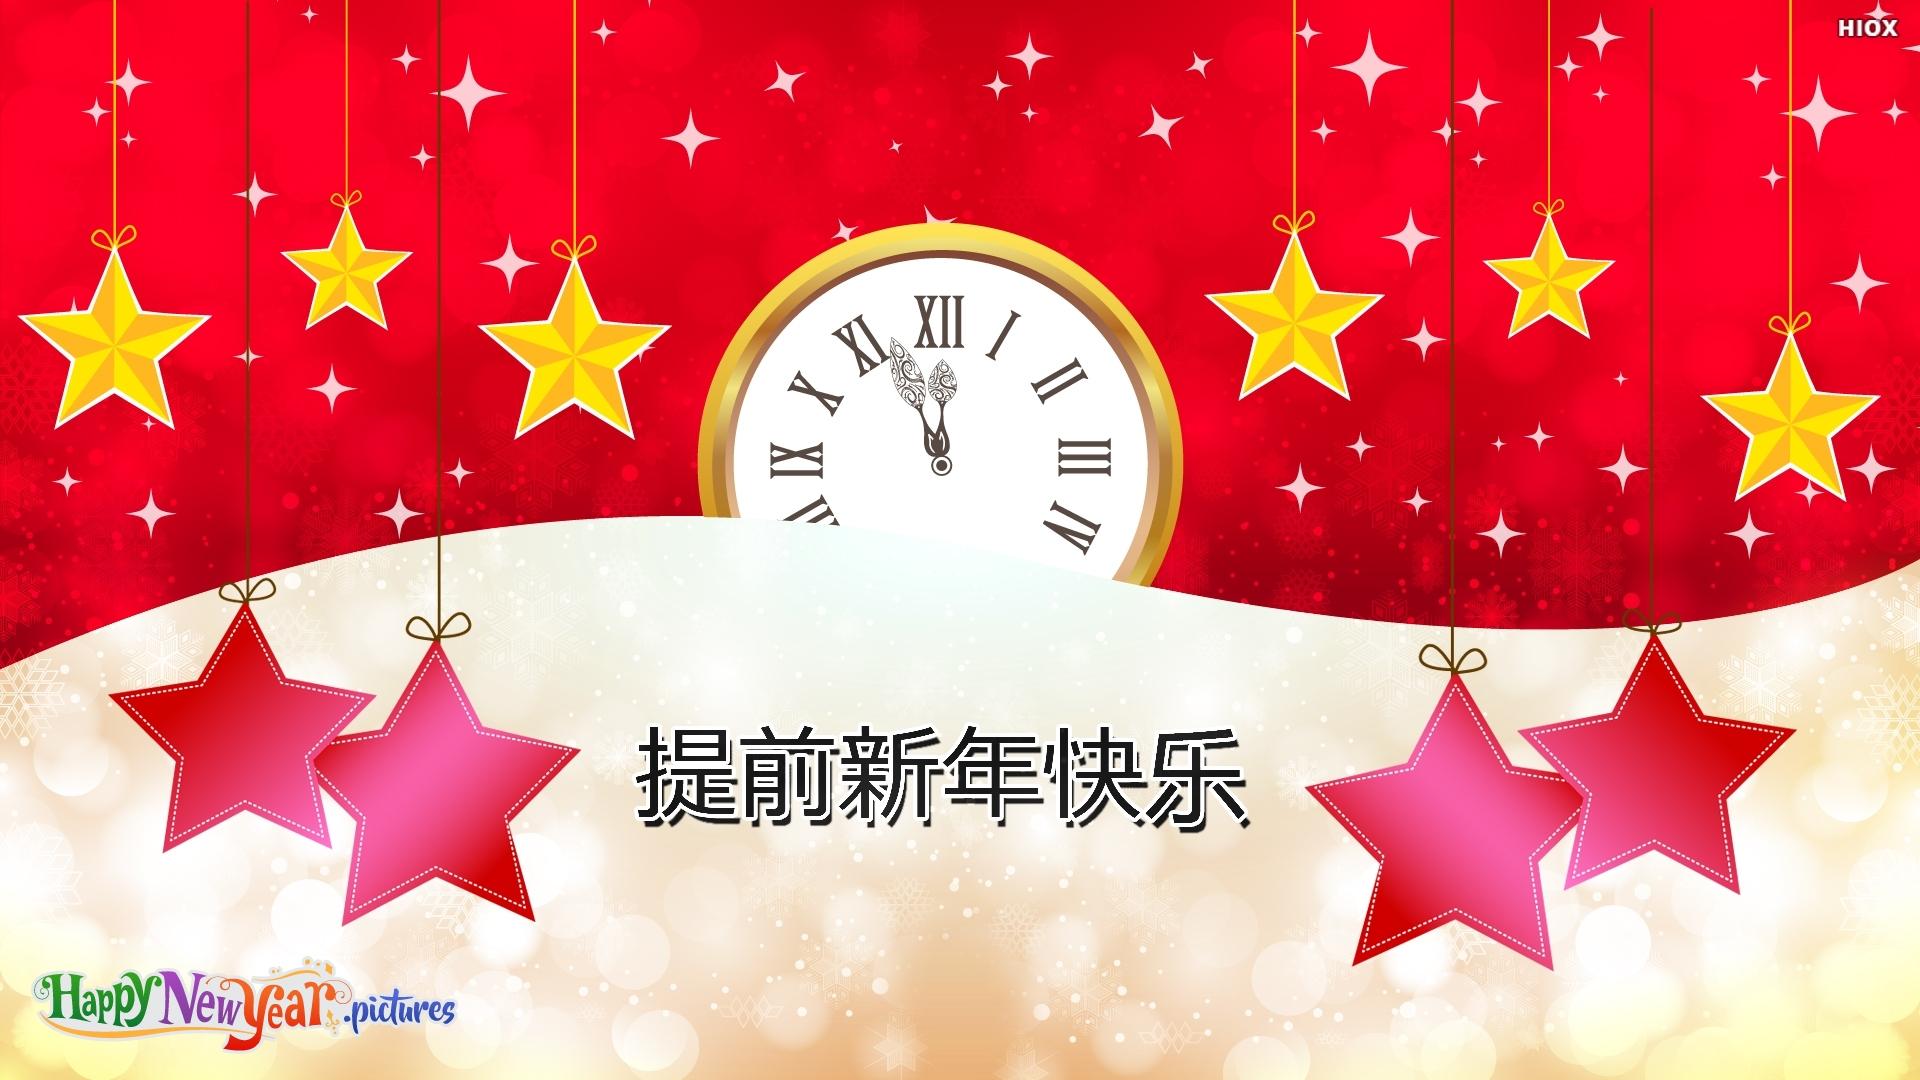 提前新年快乐